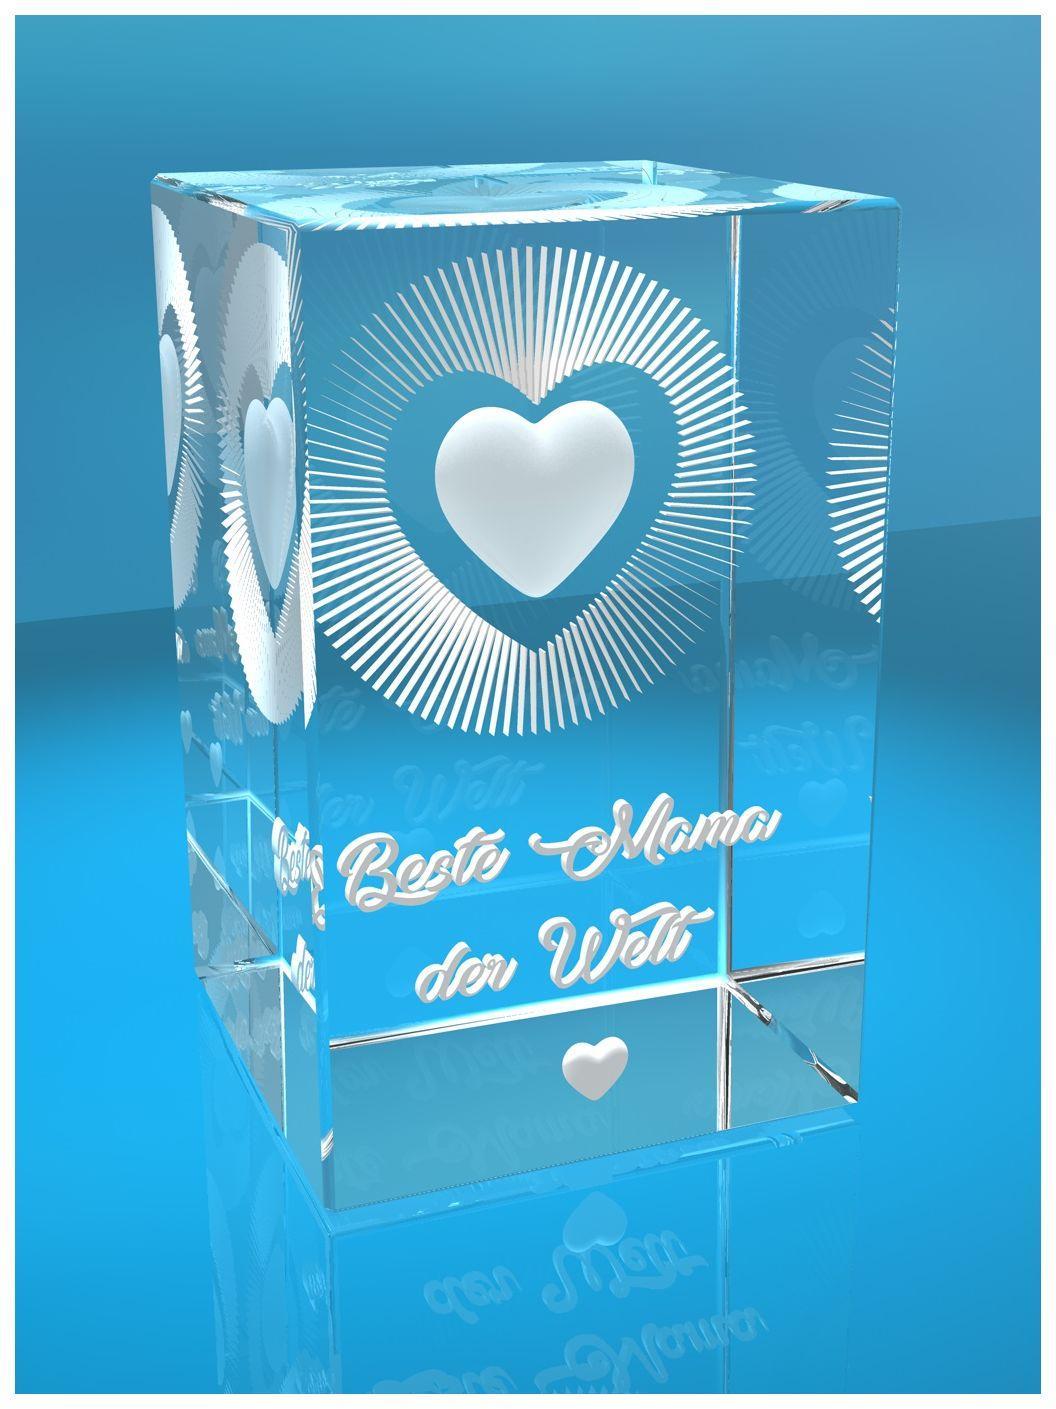 3D Glas Kristall I Beste Mama der Welt I Herz I Geschenk zum Muttertag Geburtstag Weihnachten I Muttertagsgeschenk I Beste Mutter Mutti I Best Mom I Geschenk Für Mama Mütter I Mami I Schwiegermama I Danke